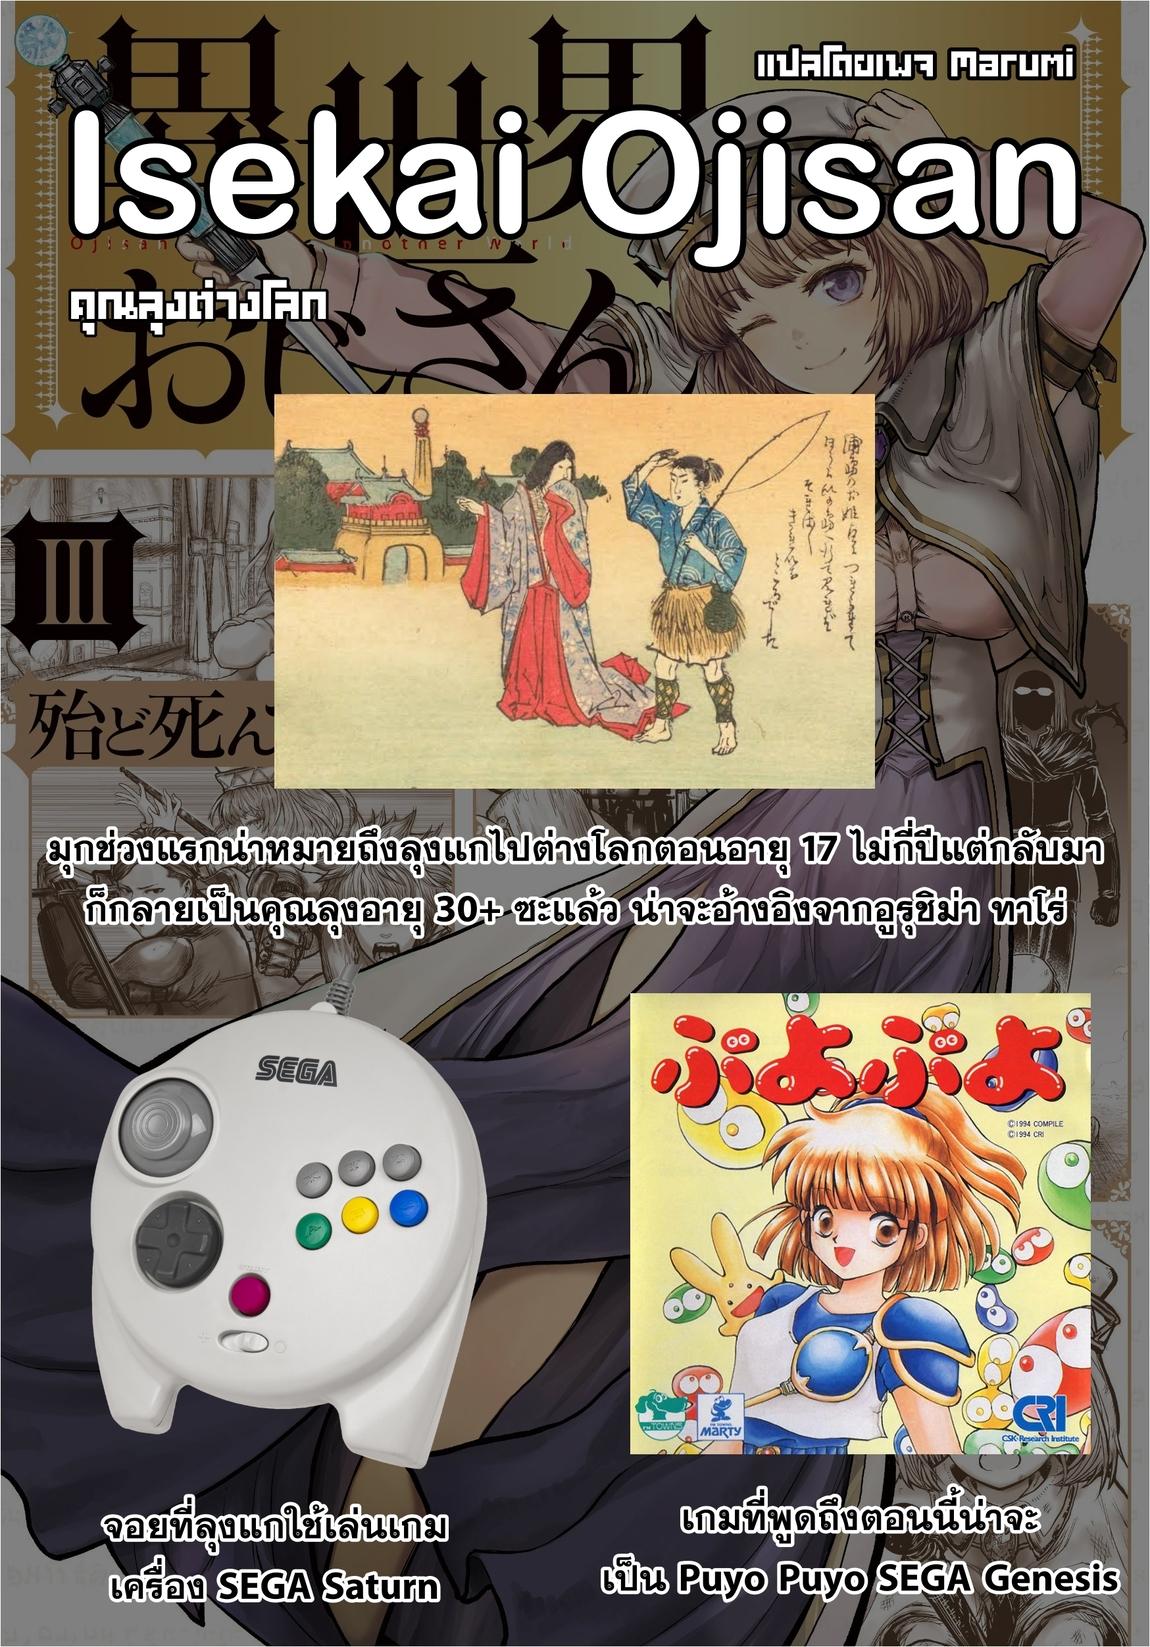 อ่านการ์ตูน Isekai Ojisan ตอนที่ 12 หน้าที่ 29